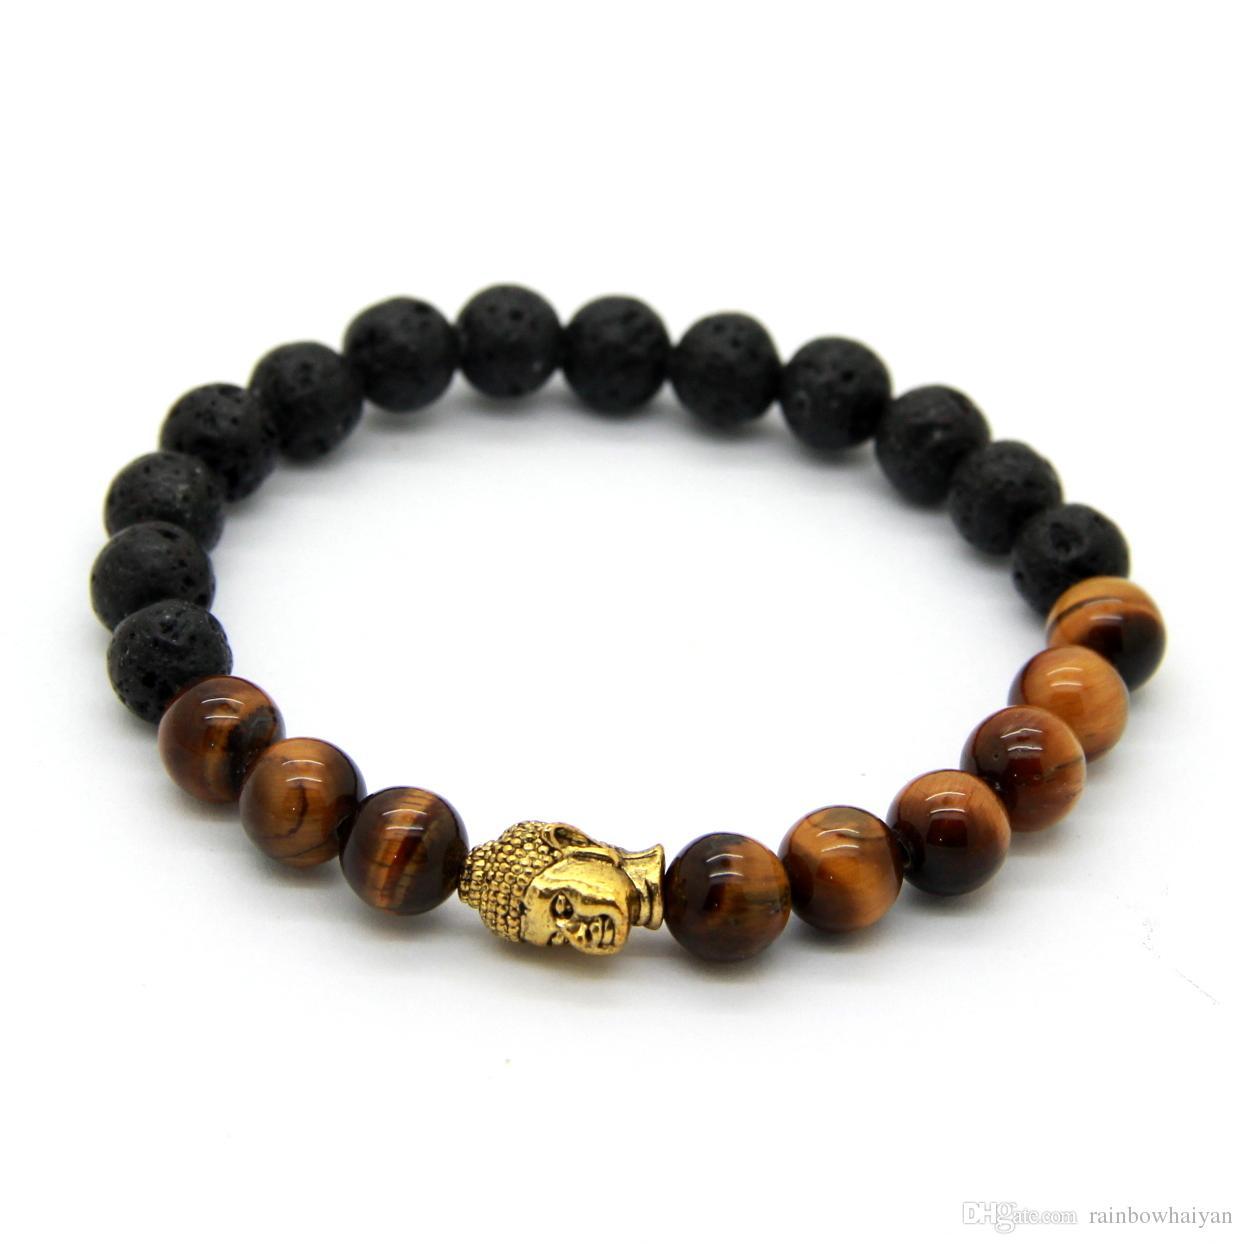 Hot Sale Mäns Beaded Buddha Armband, 8mm Lava Stone med Tiger Eye Yoga Meditation Smycken för Party Gift